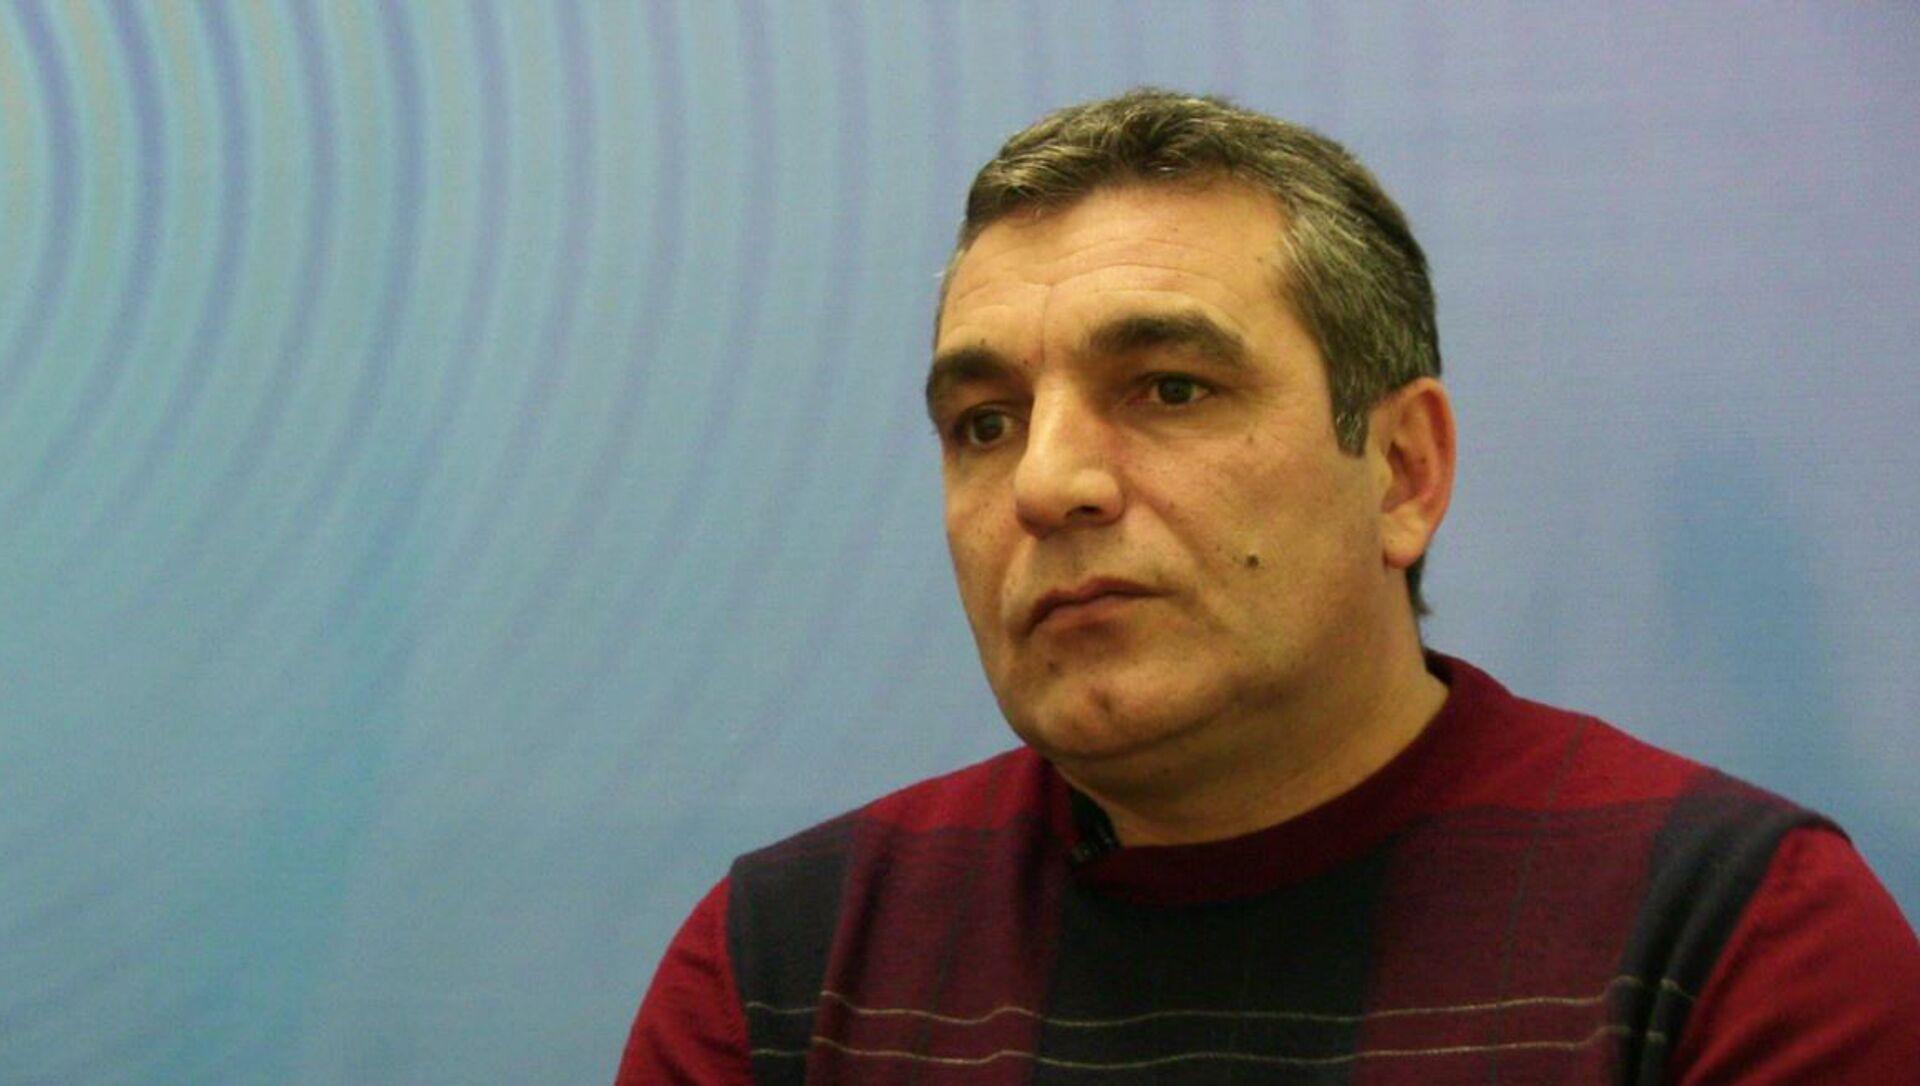 Natiq Cəfərli, iqtisadçı-ekspert - Sputnik Азербайджан, 1920, 18.08.2021